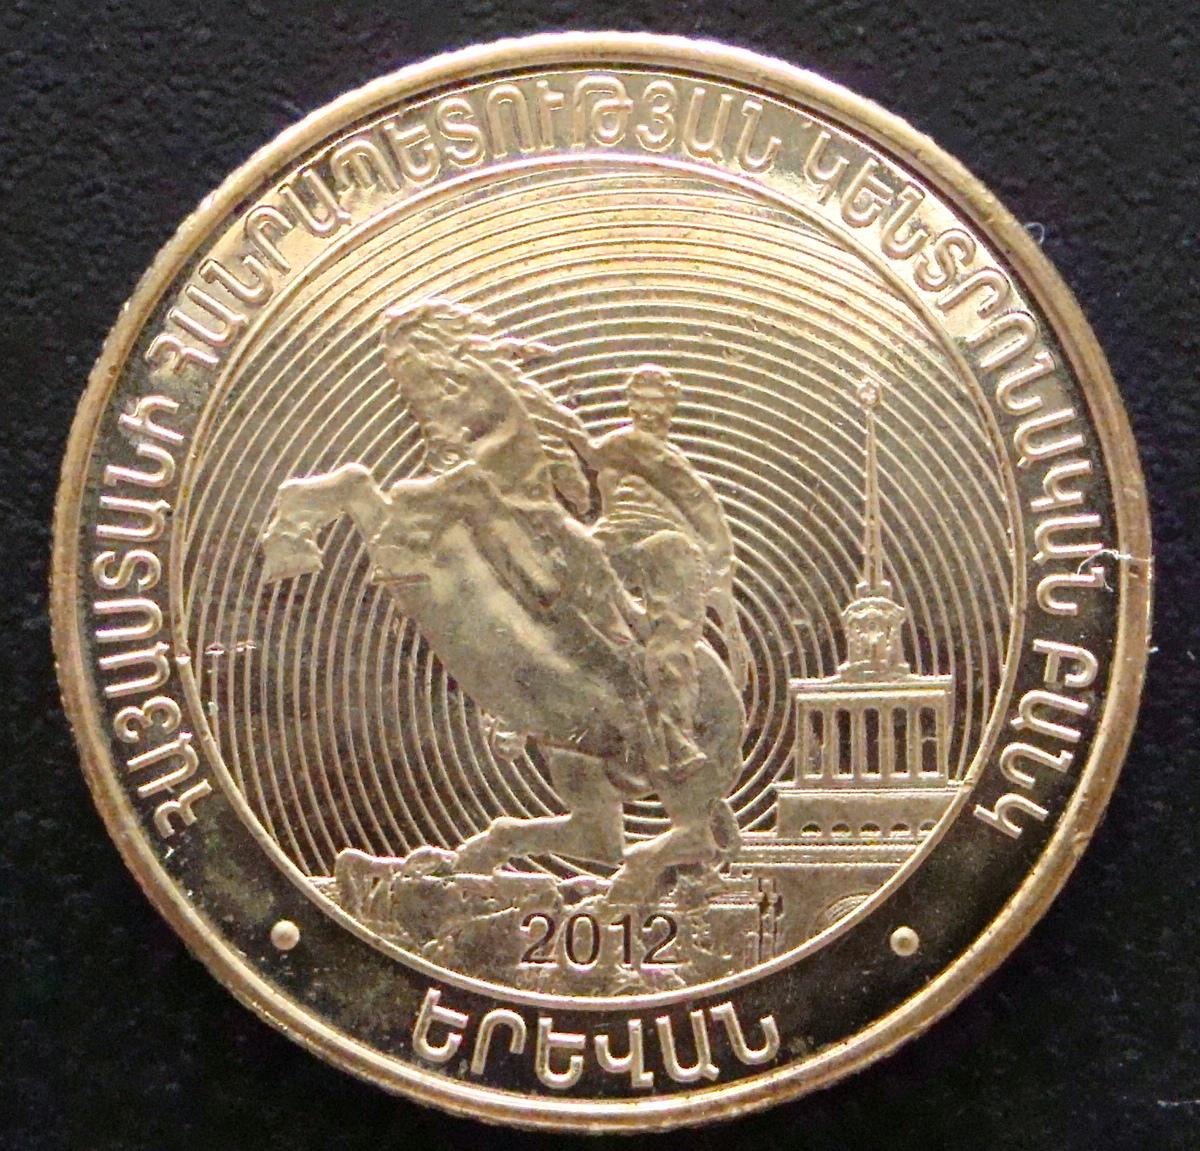 armenia - 50 Dram. Armenia (2012) ARM_50_Dram_Erevan_anv